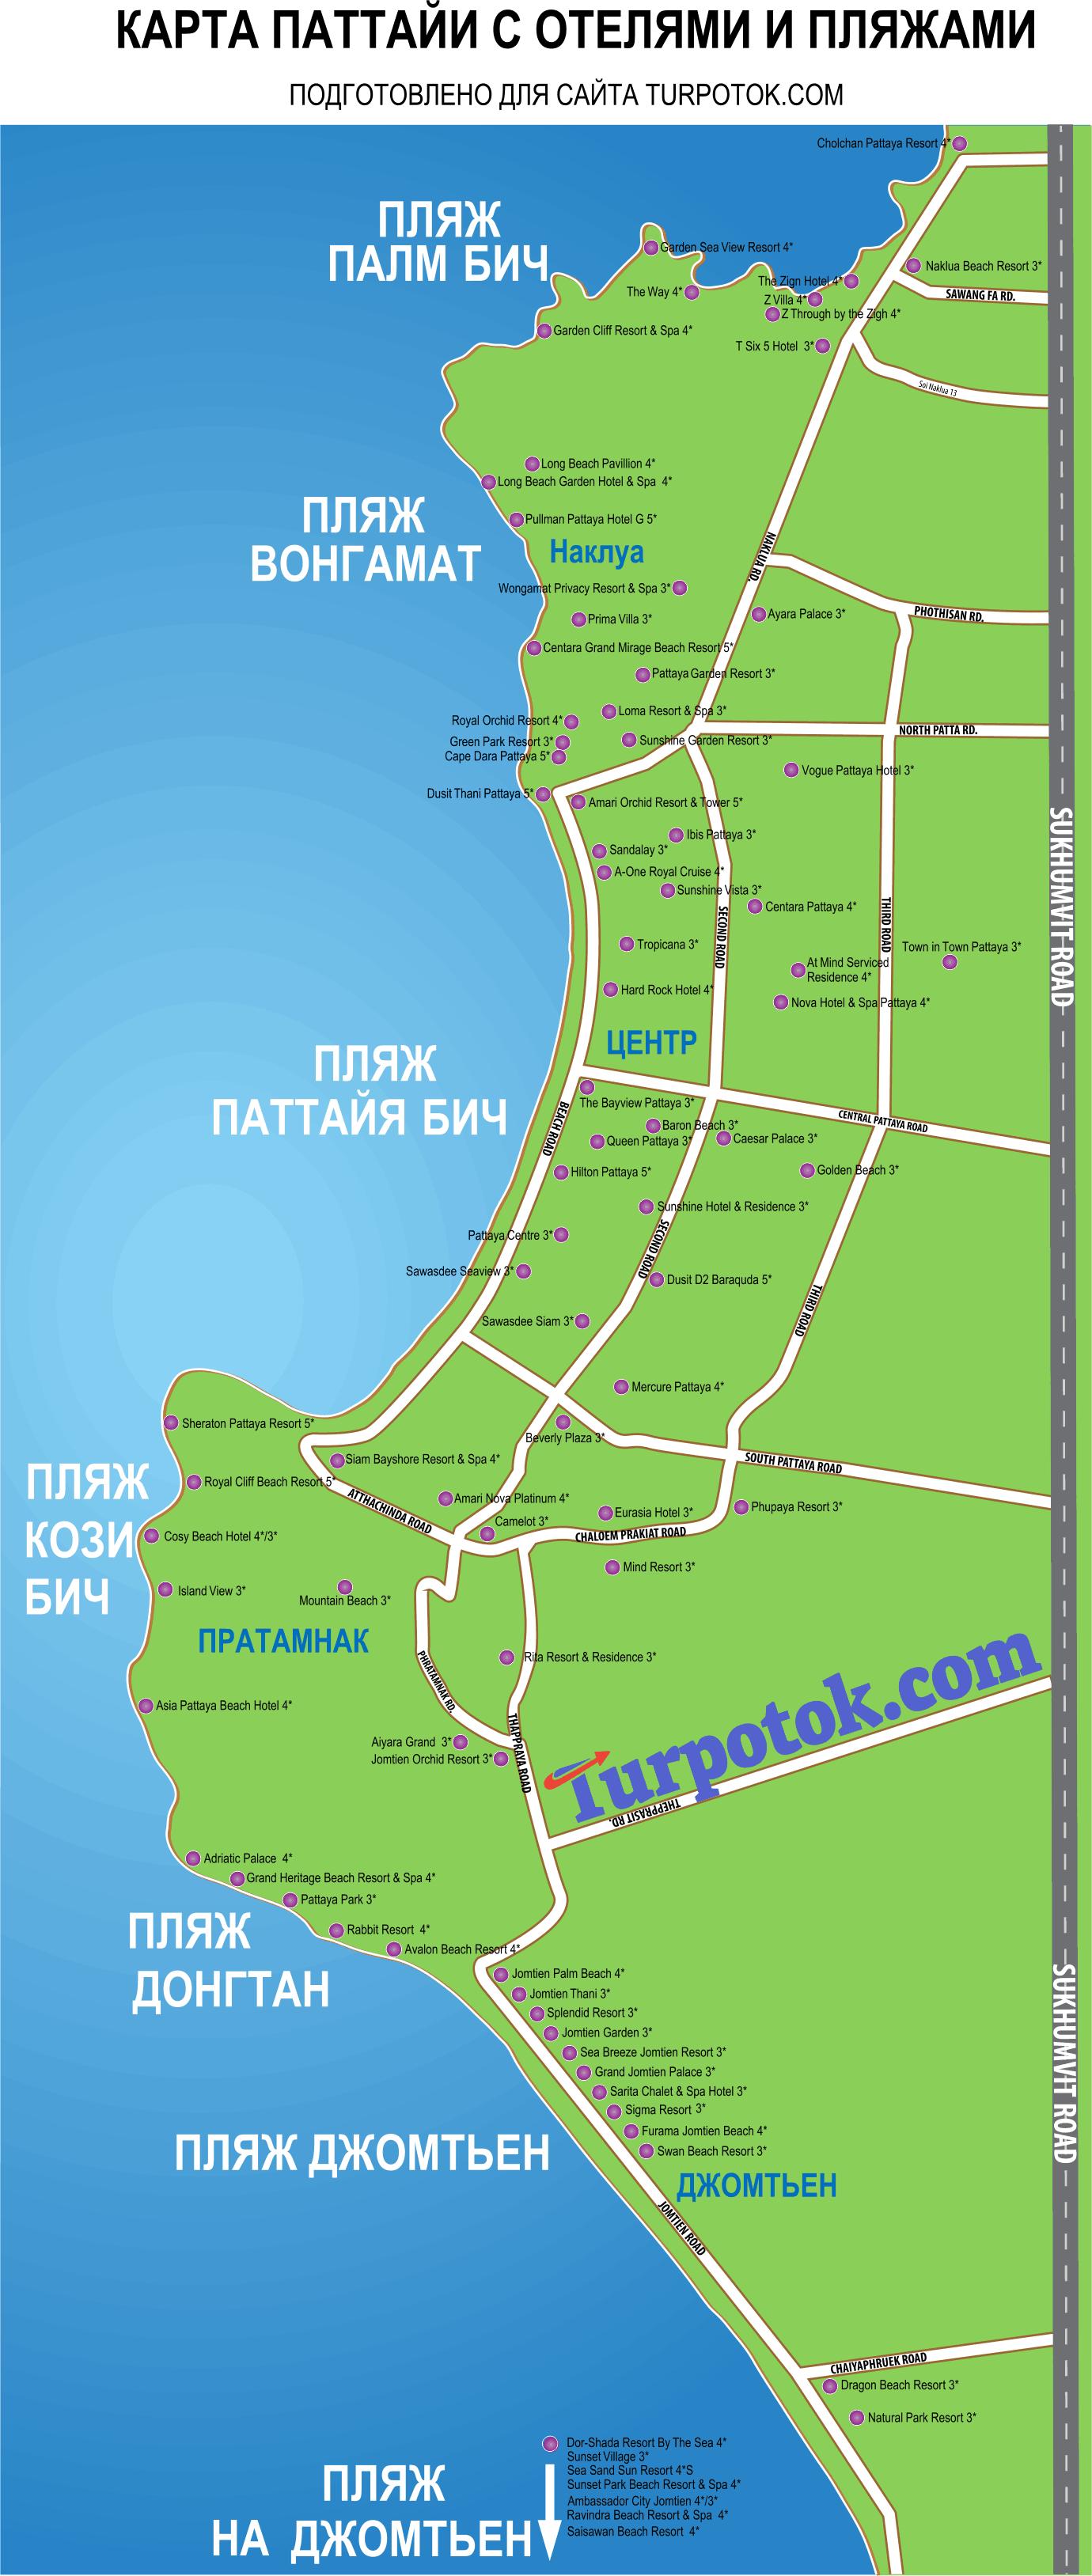 Карта Паттайи на русском языке